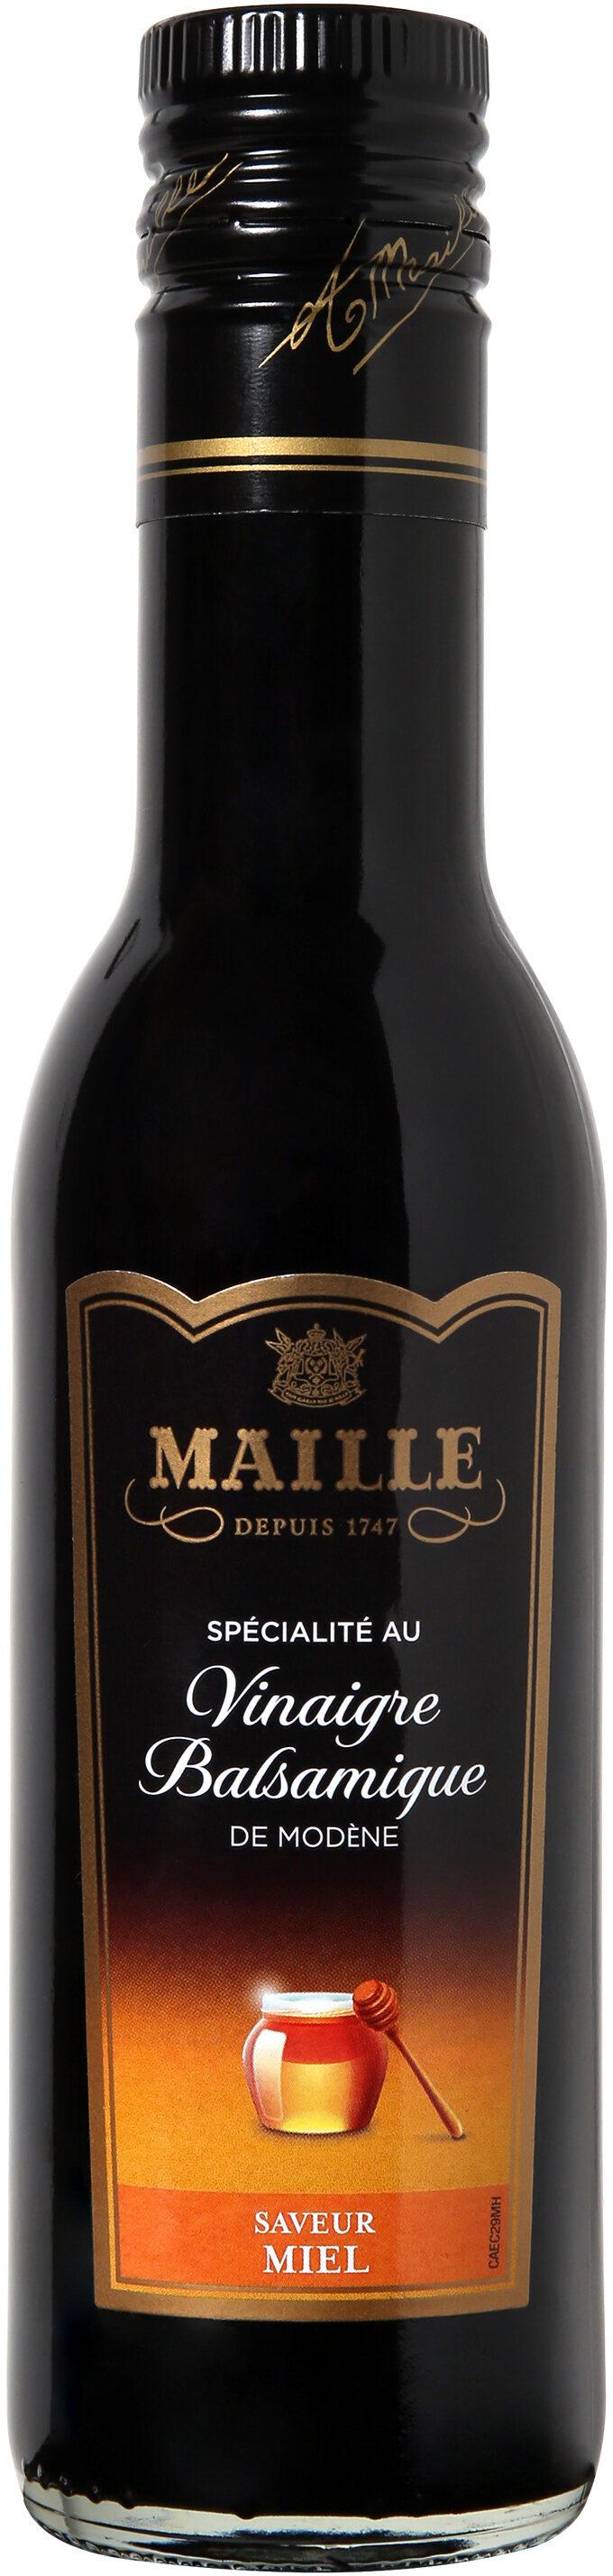 Maille Vinaigre Balsamique Saveur Miel - Product - fr